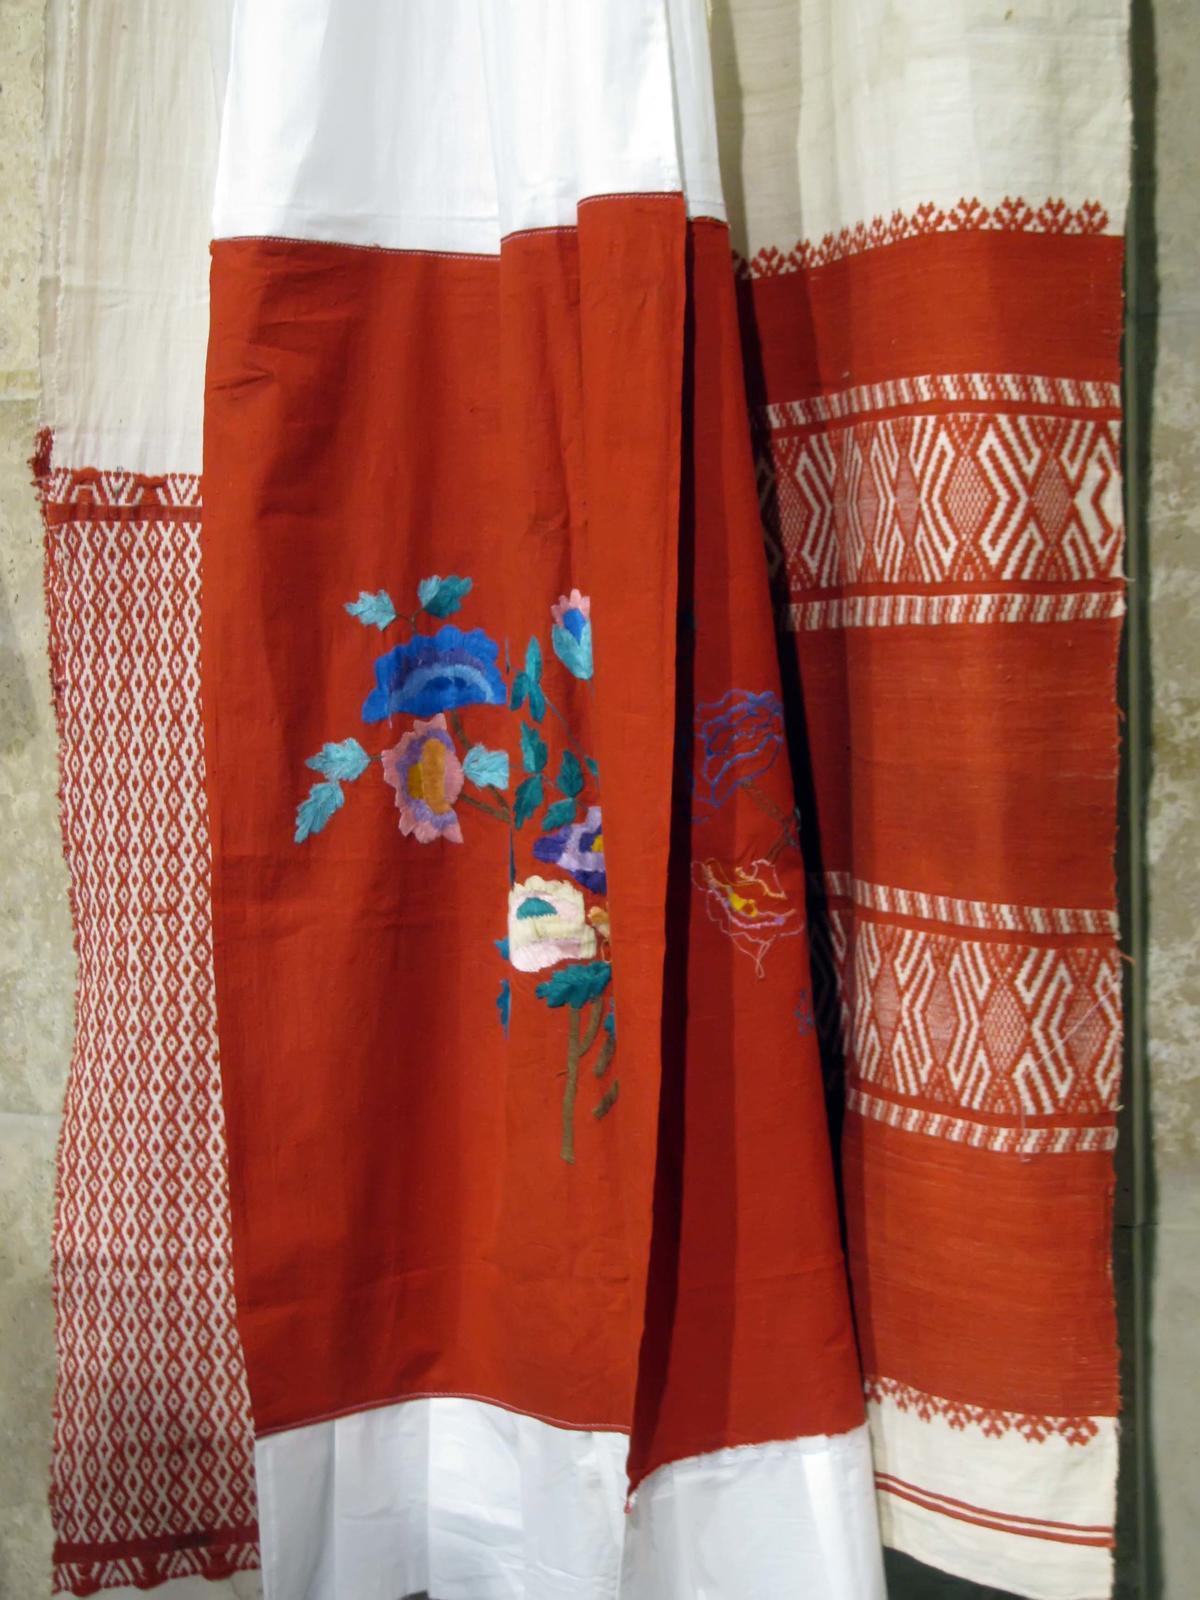 Фото №38148. Домотканое полотенце, полотенце с вышивкой